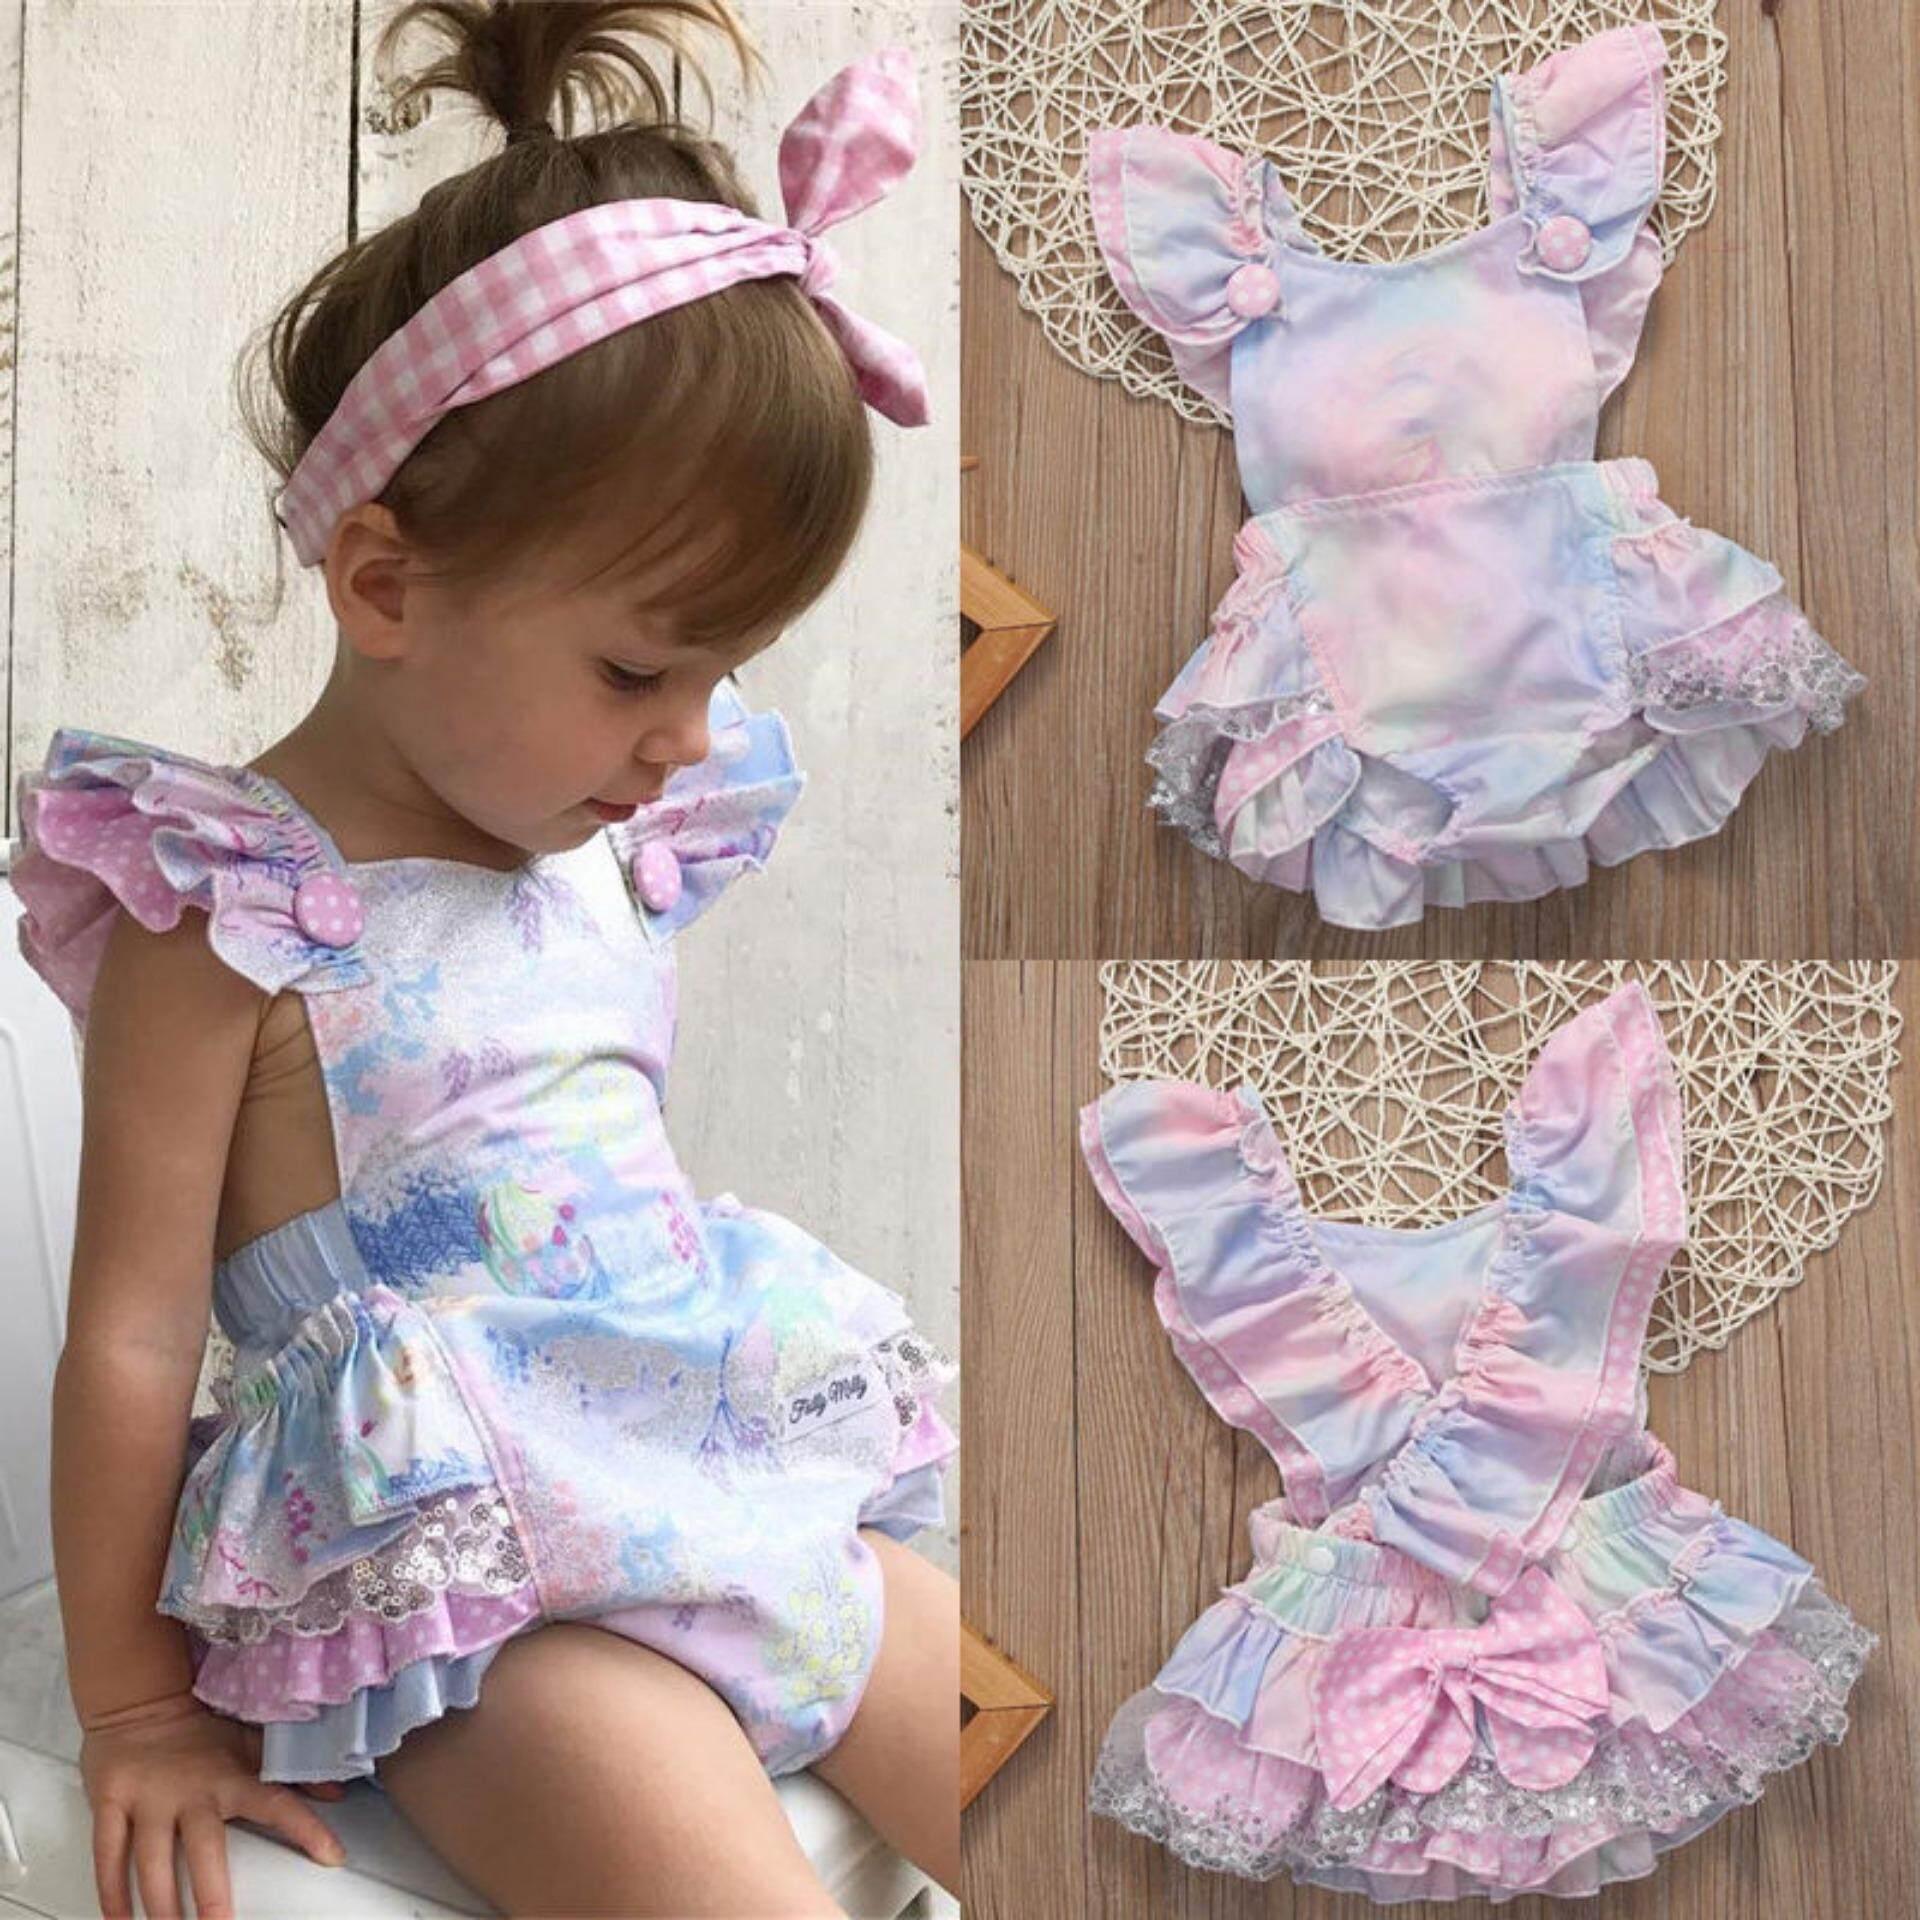 Bayi Baru Lahir Bayi Perempuan Bunga Bodysuit Romper Jumpsuit Pakaian Sunsuit Pakaian-Internasional - 2 ...